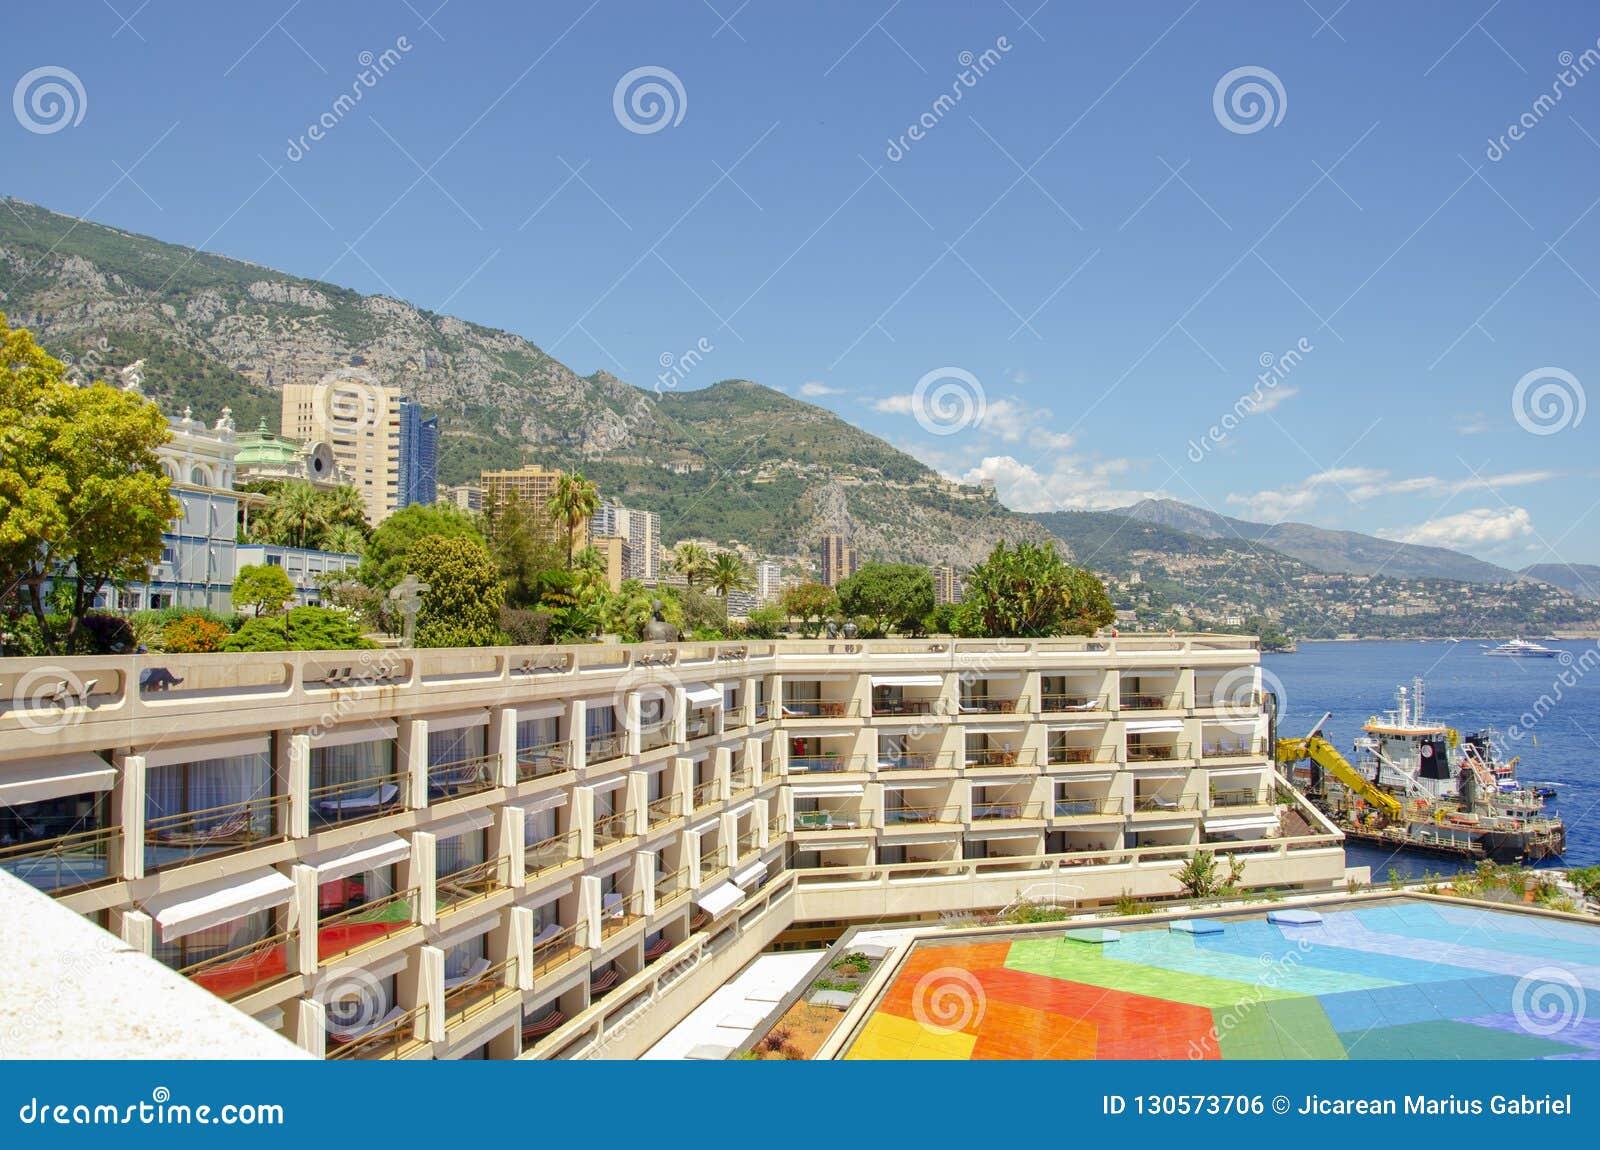 Härliga hamnar med många yachter i Monaco och trädgårdar som är fulla av blommor